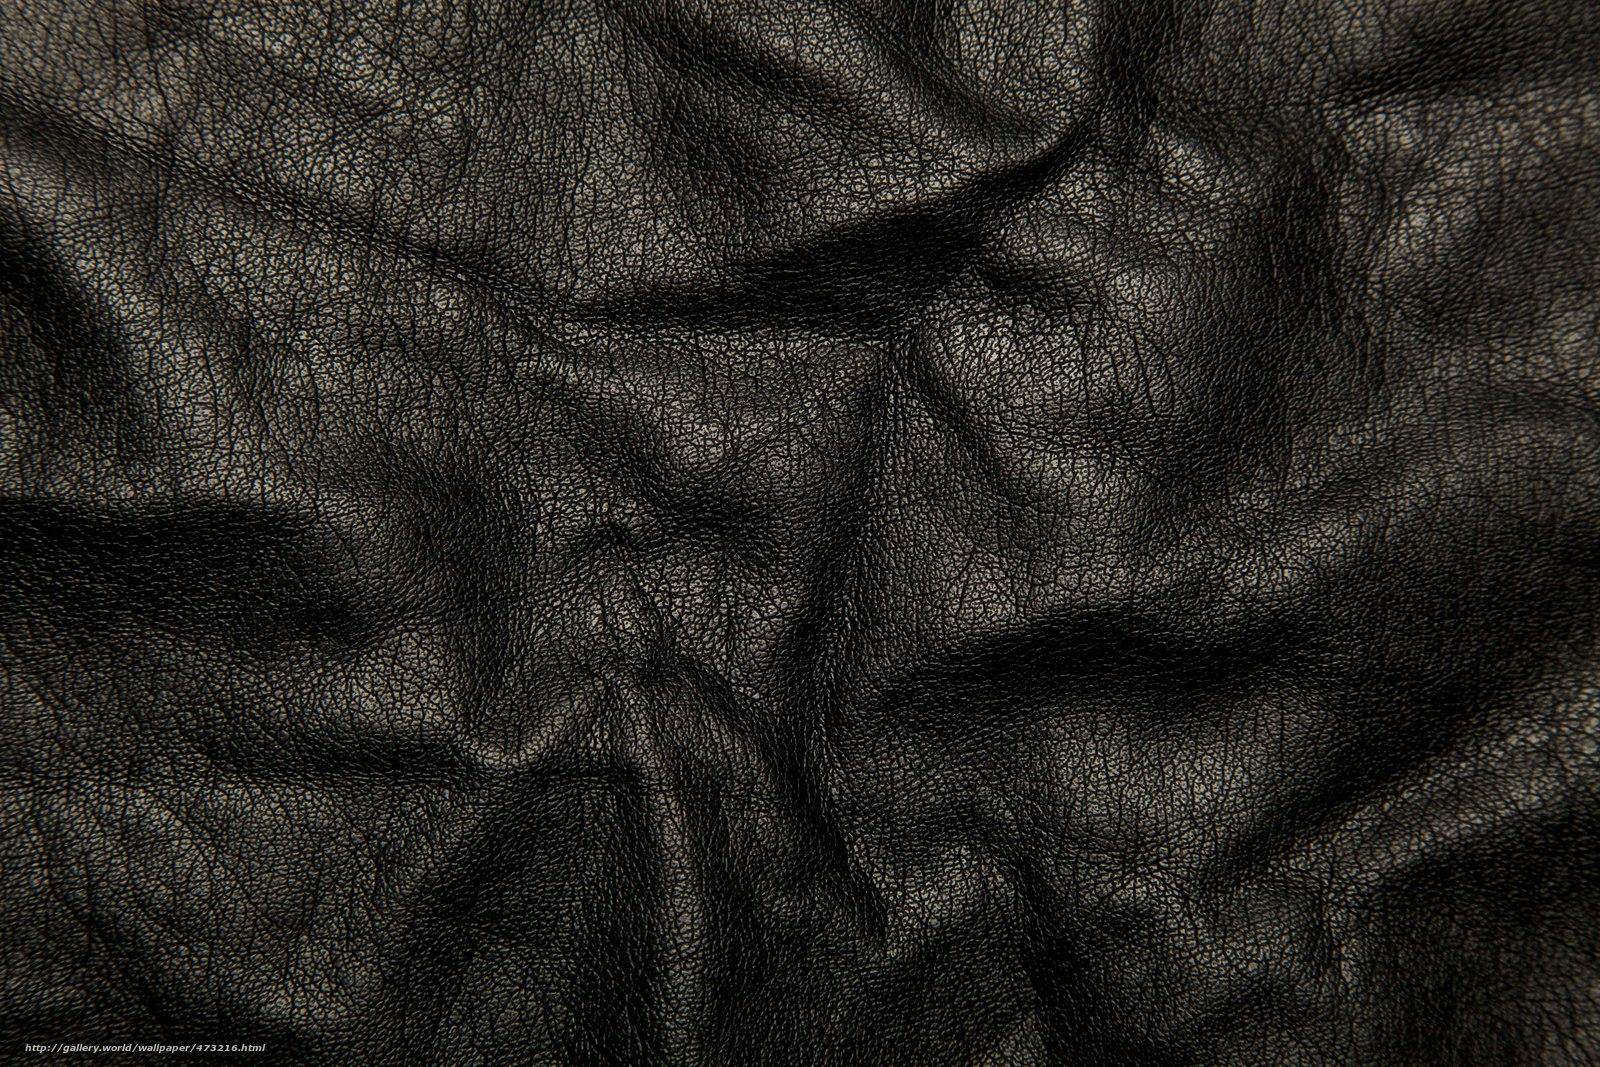 Скачать обои кожа,  черная,  фон,  текстура бесплатно для рабочего стола в разрешении 5500x3667 — картинка №473216